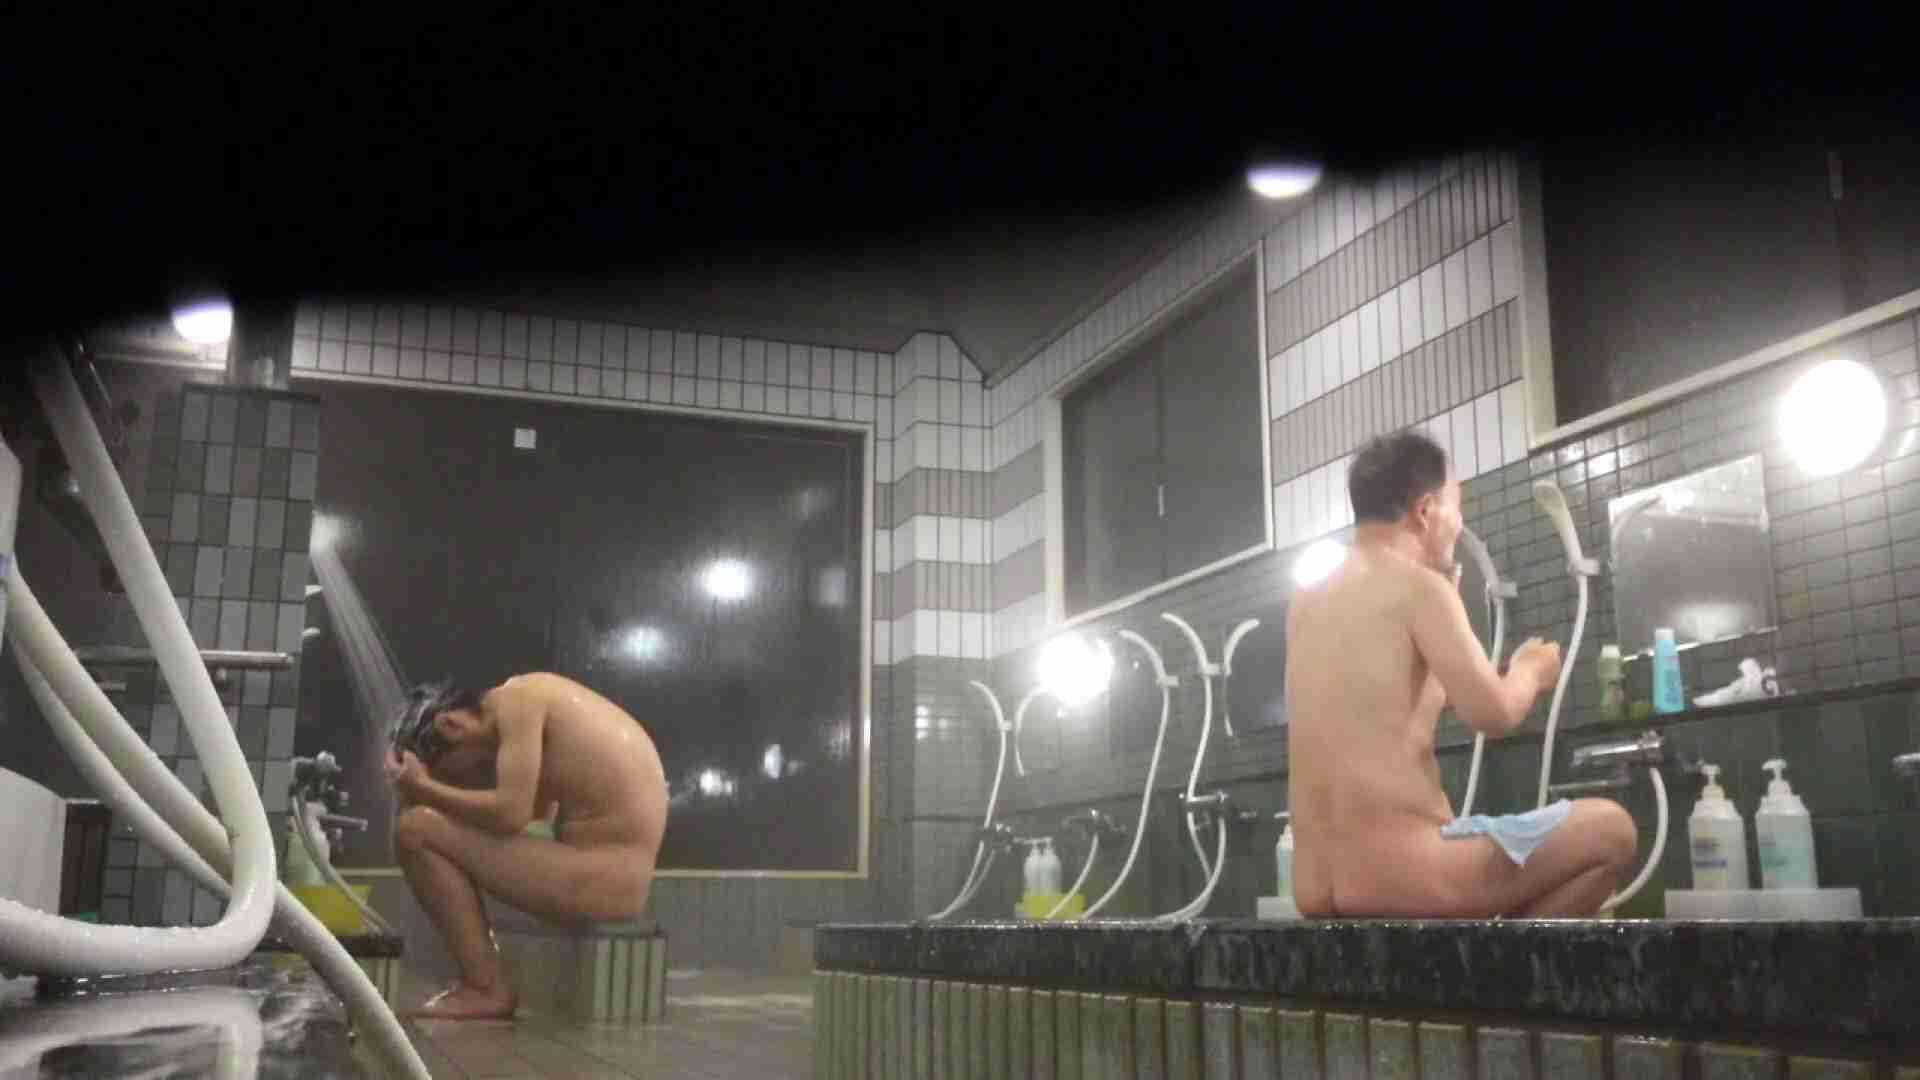 行くぜ!がっつり男風呂!Vol.07 男・男・男 ゲイAV画像 94枚 86